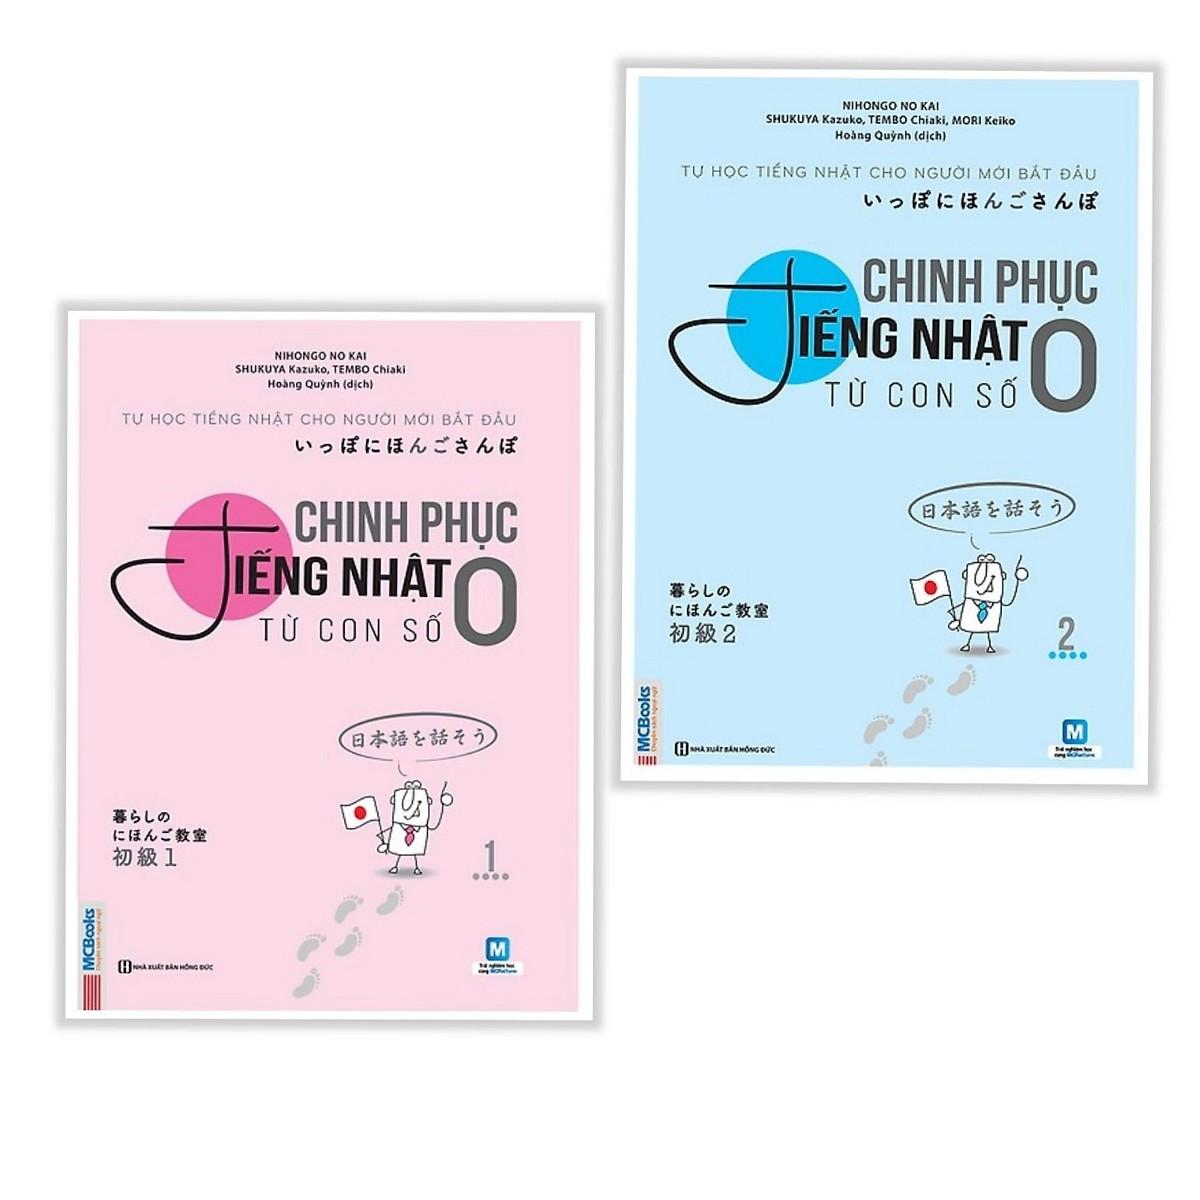 Combo Sách Học Tiếng Nhật: Chinh Phục Tiếng Nhật Từ Con Số 0 - Trọn Bộ 2 Tập (Tặng Video Dạy Đọc Và Viết Bảng Chữ Cái Hiragana và Katakana) (Tặng Thêm Decan Đo Chiều Cao Cho Trẻ)